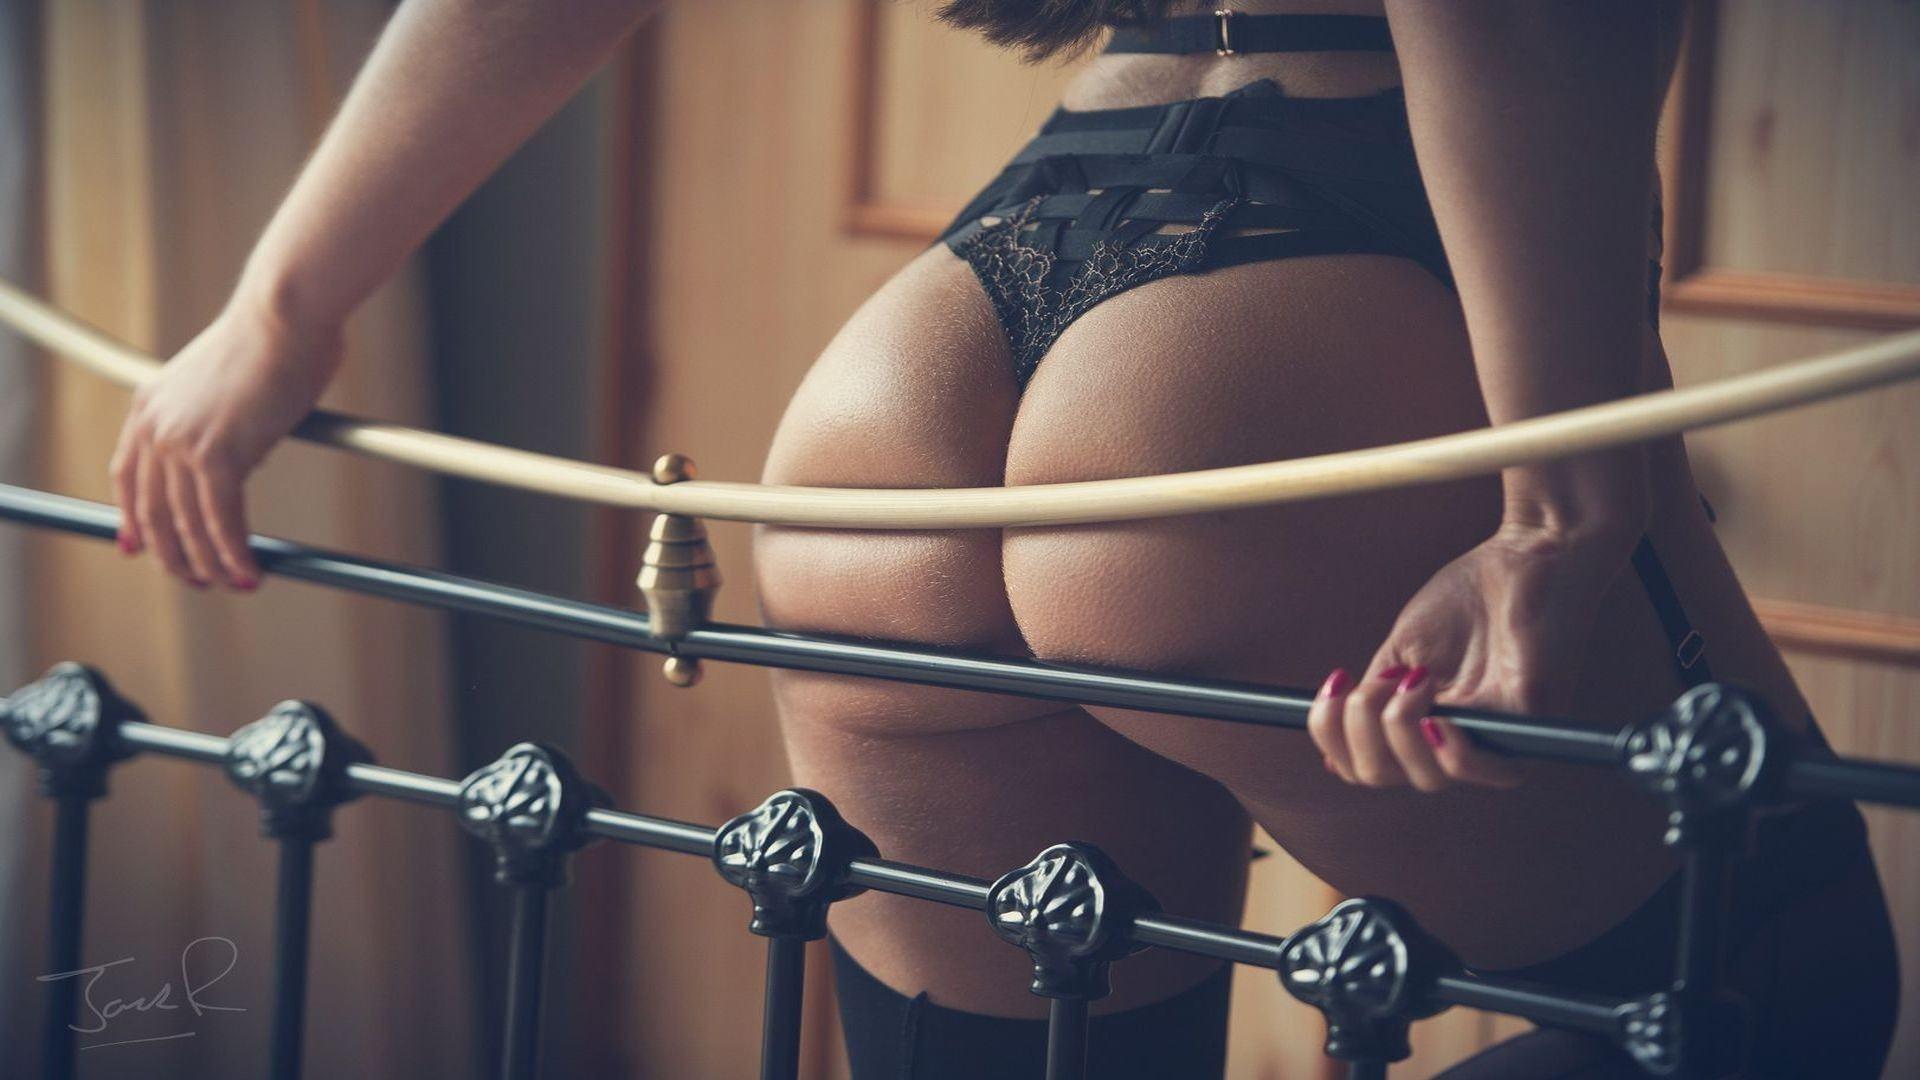 Фото Сочная задница прижалась к перилам, черное эротическое белье, попа на канате, скачать картинку бесплатно